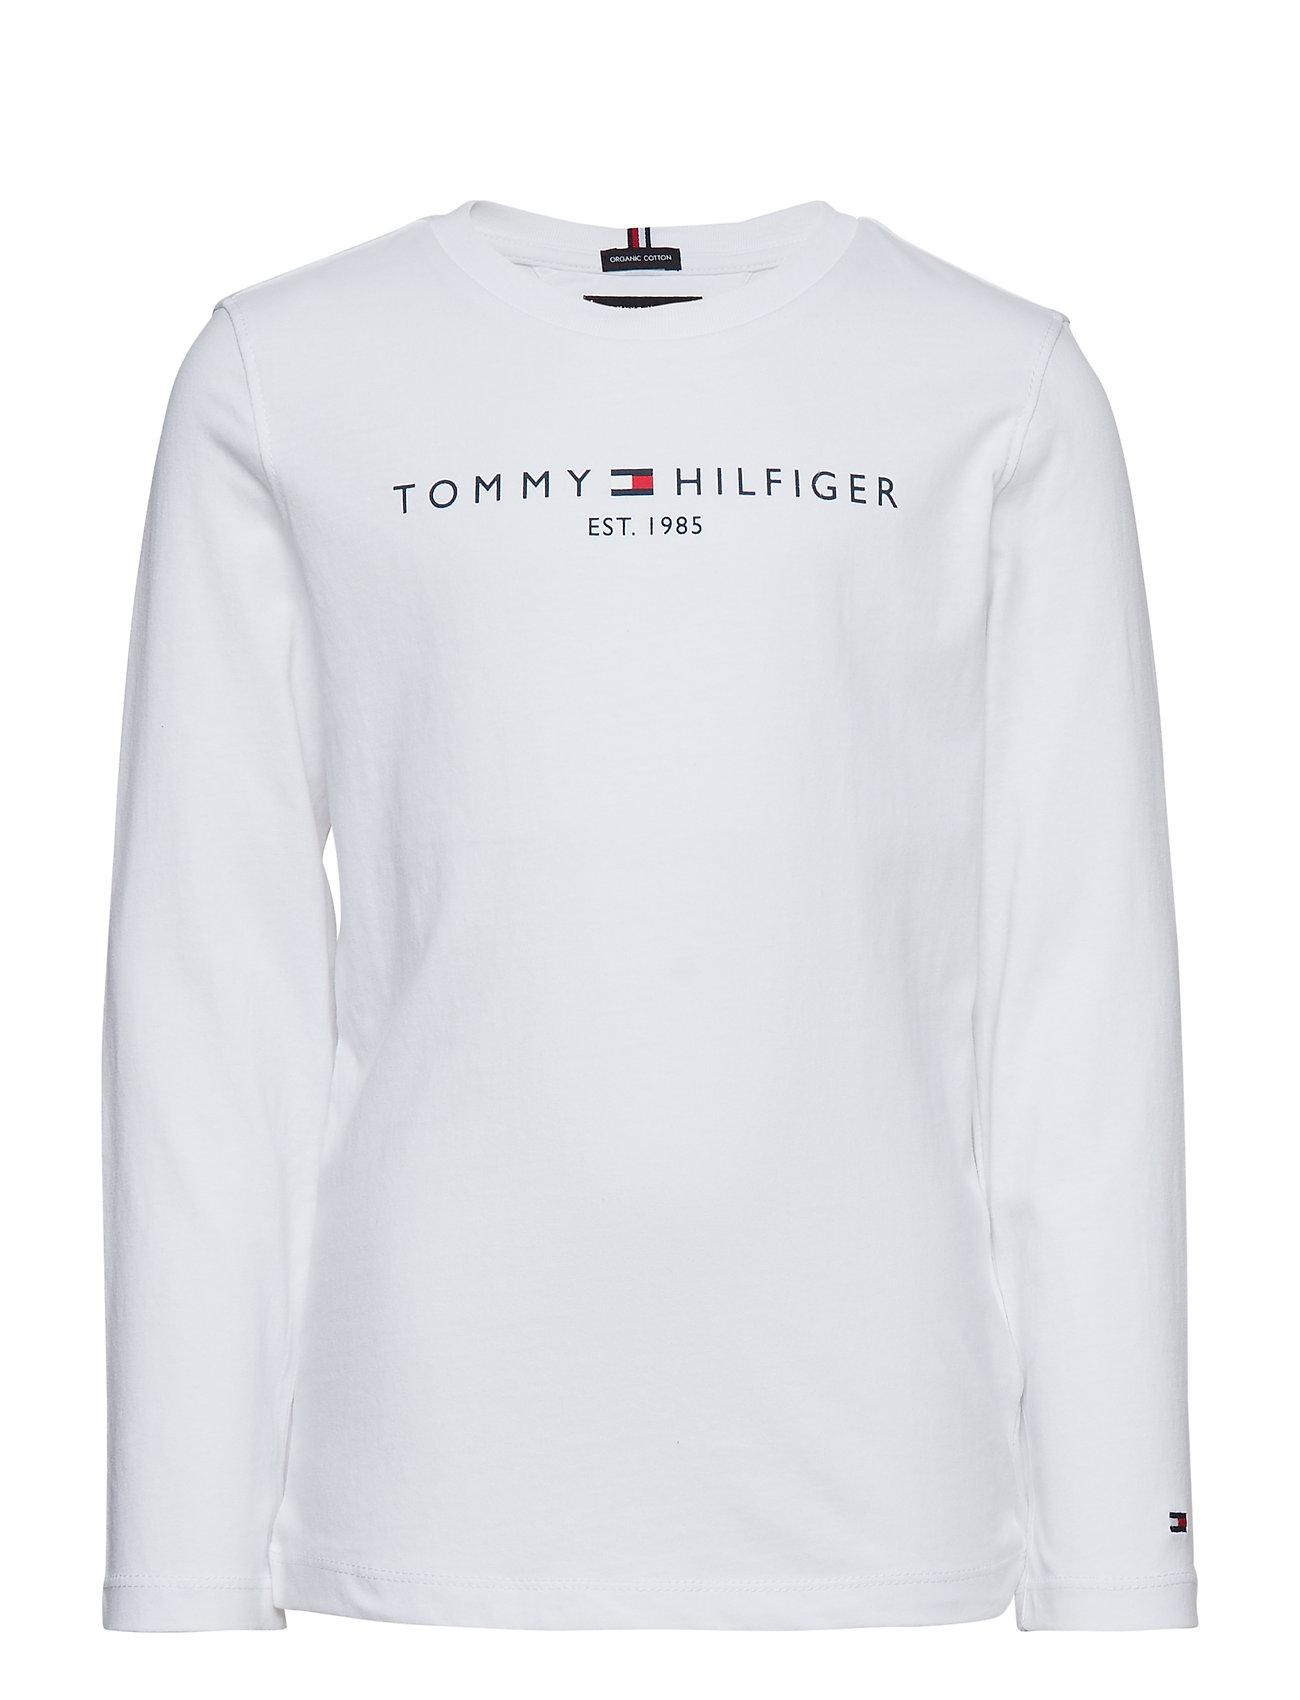 Tommy Hilfiger ESSENTIAL HILFIGER - BRIGHT WHITE